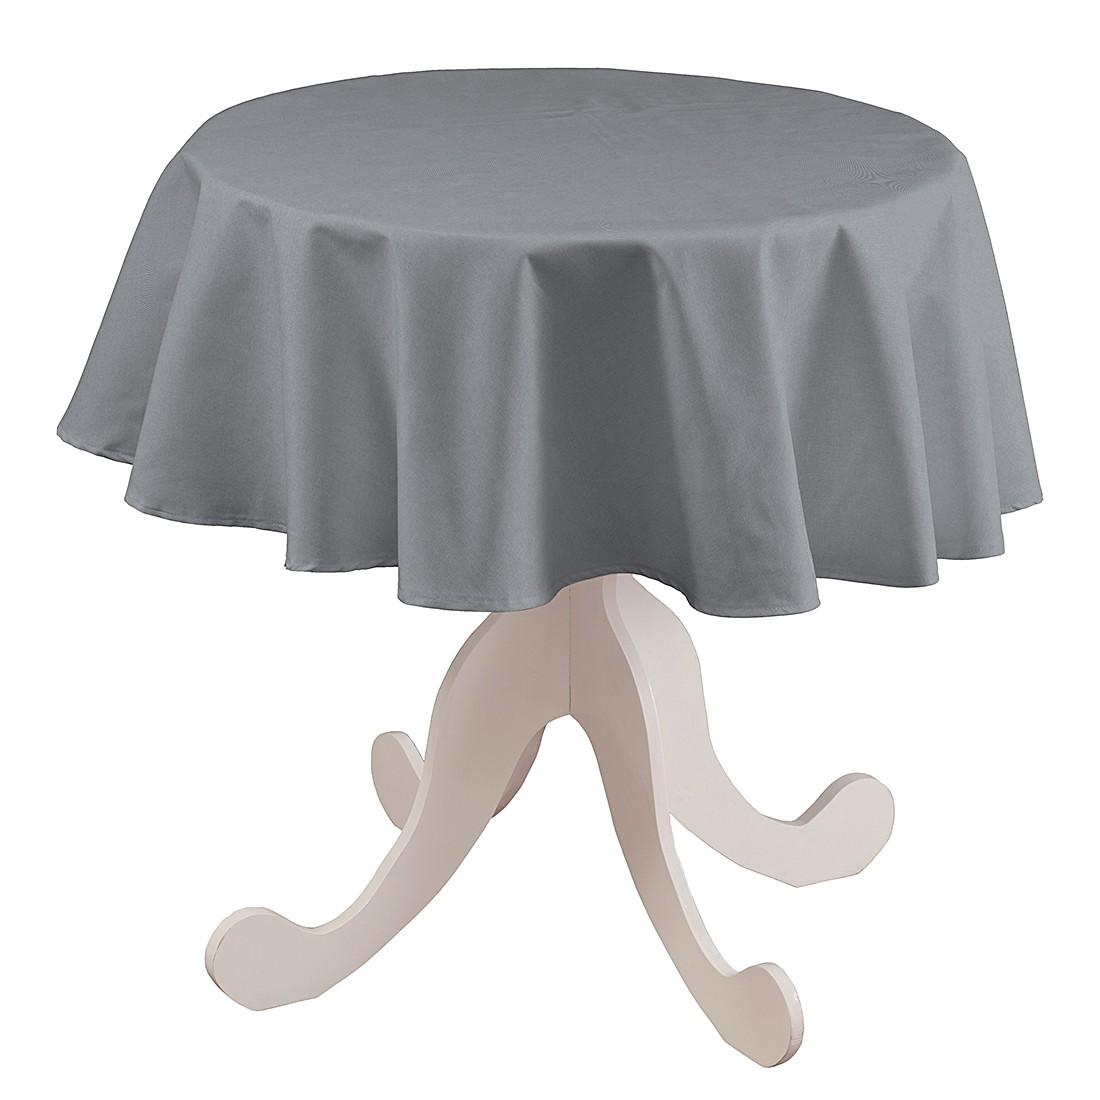 Tischdecke Atago Rund – Grau – Ø 135 cm, Dekoria online kaufen